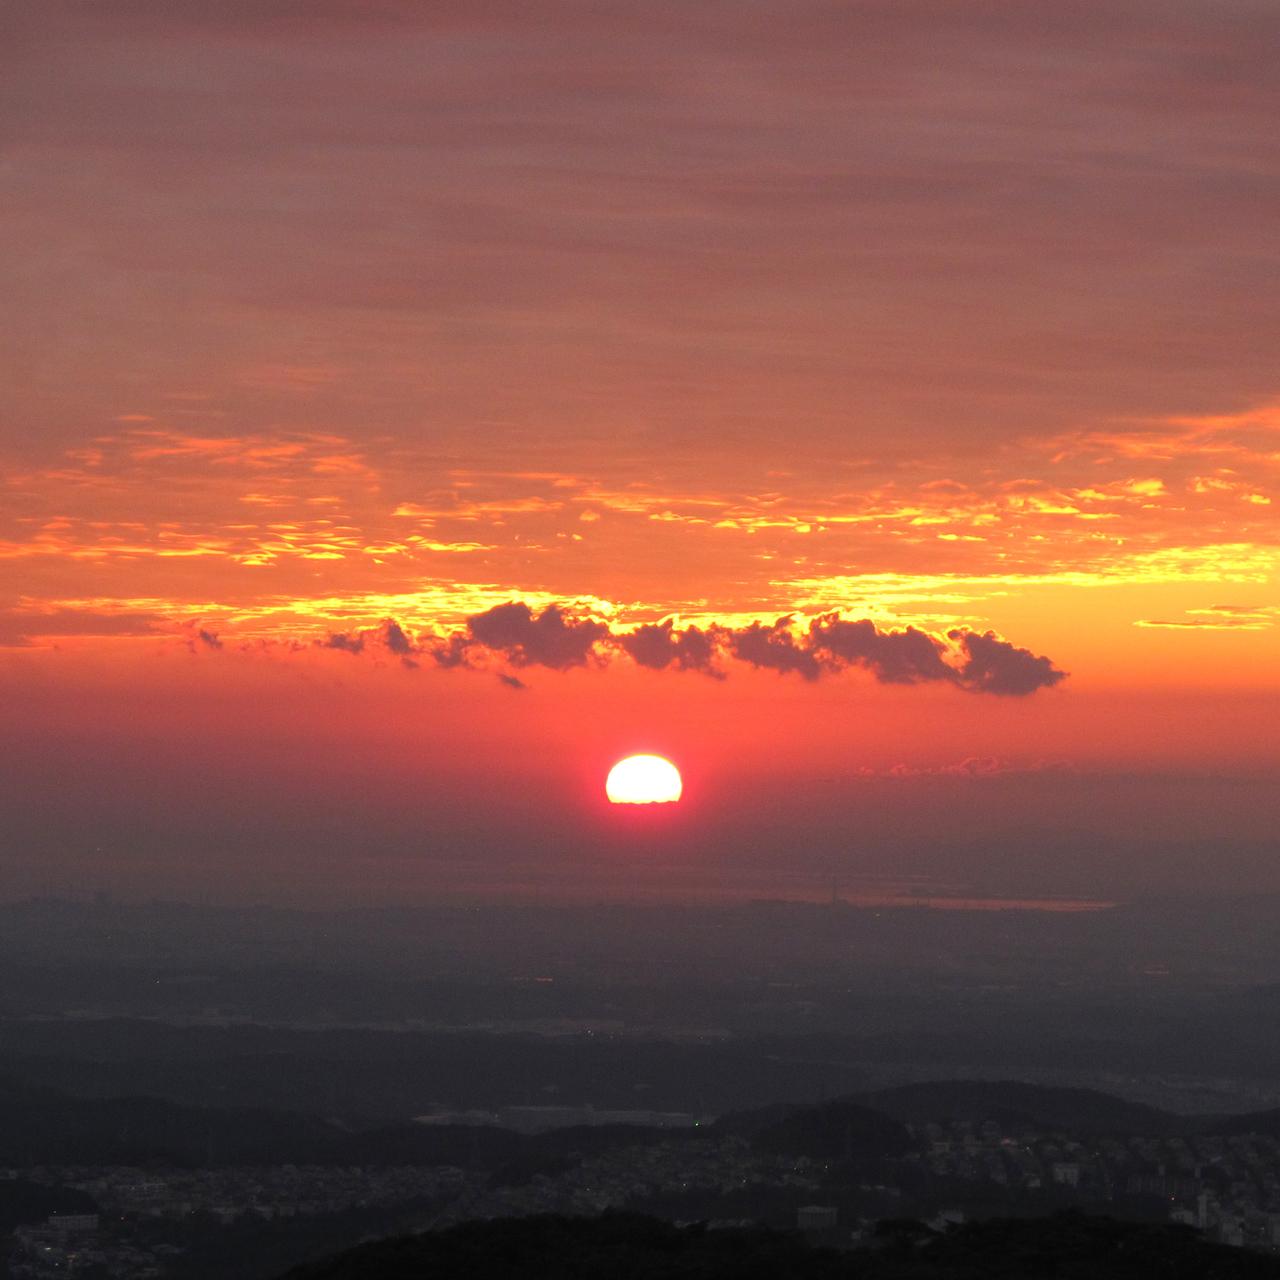 山撮り写真教室「納涼トワイライト - 夕空を撮ろう 2 - 」